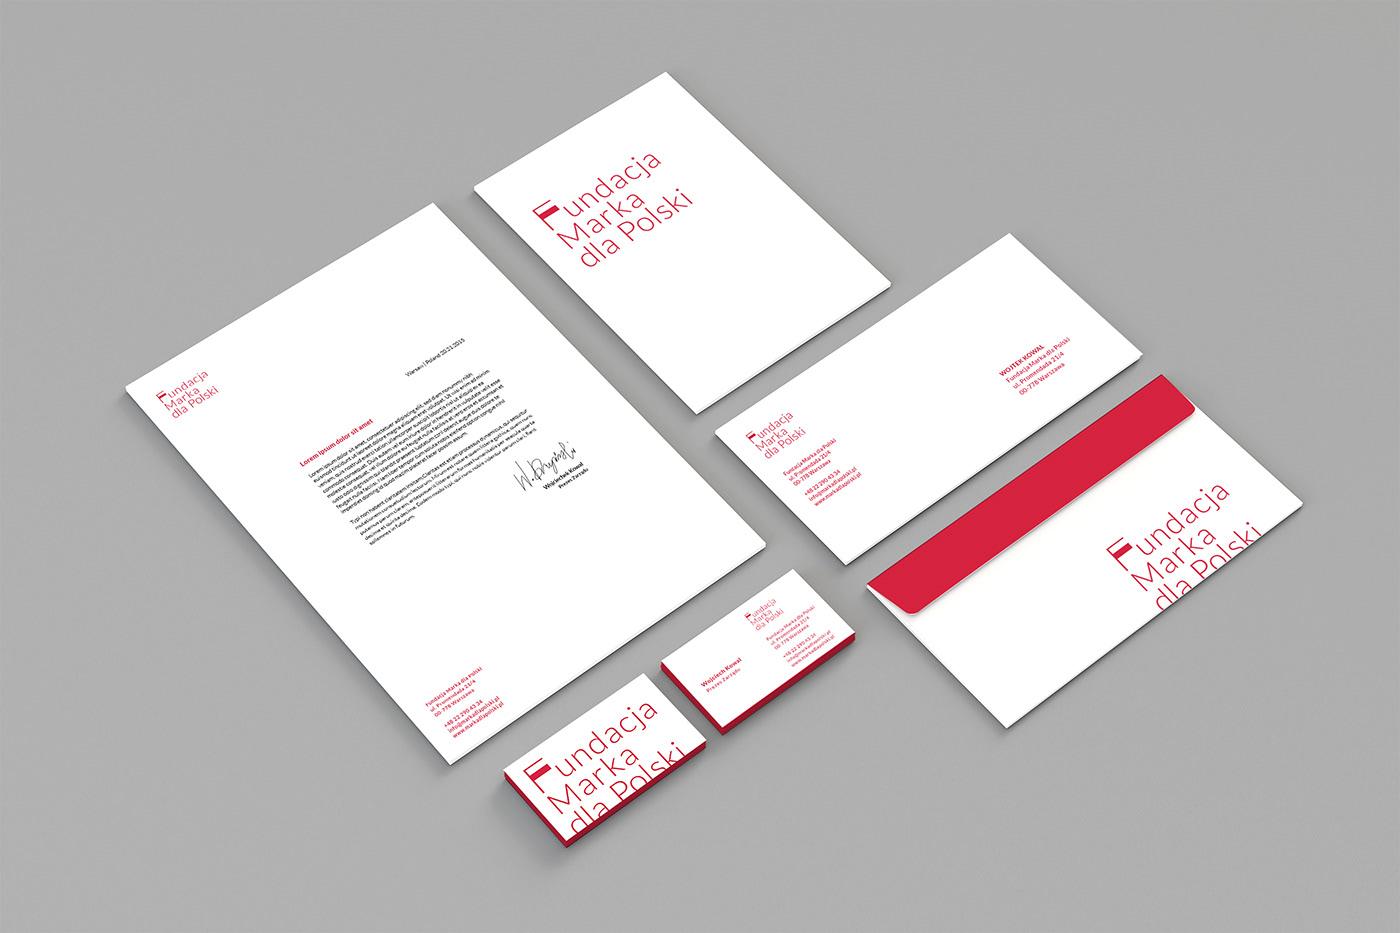 Fundacja Marka dla Polski